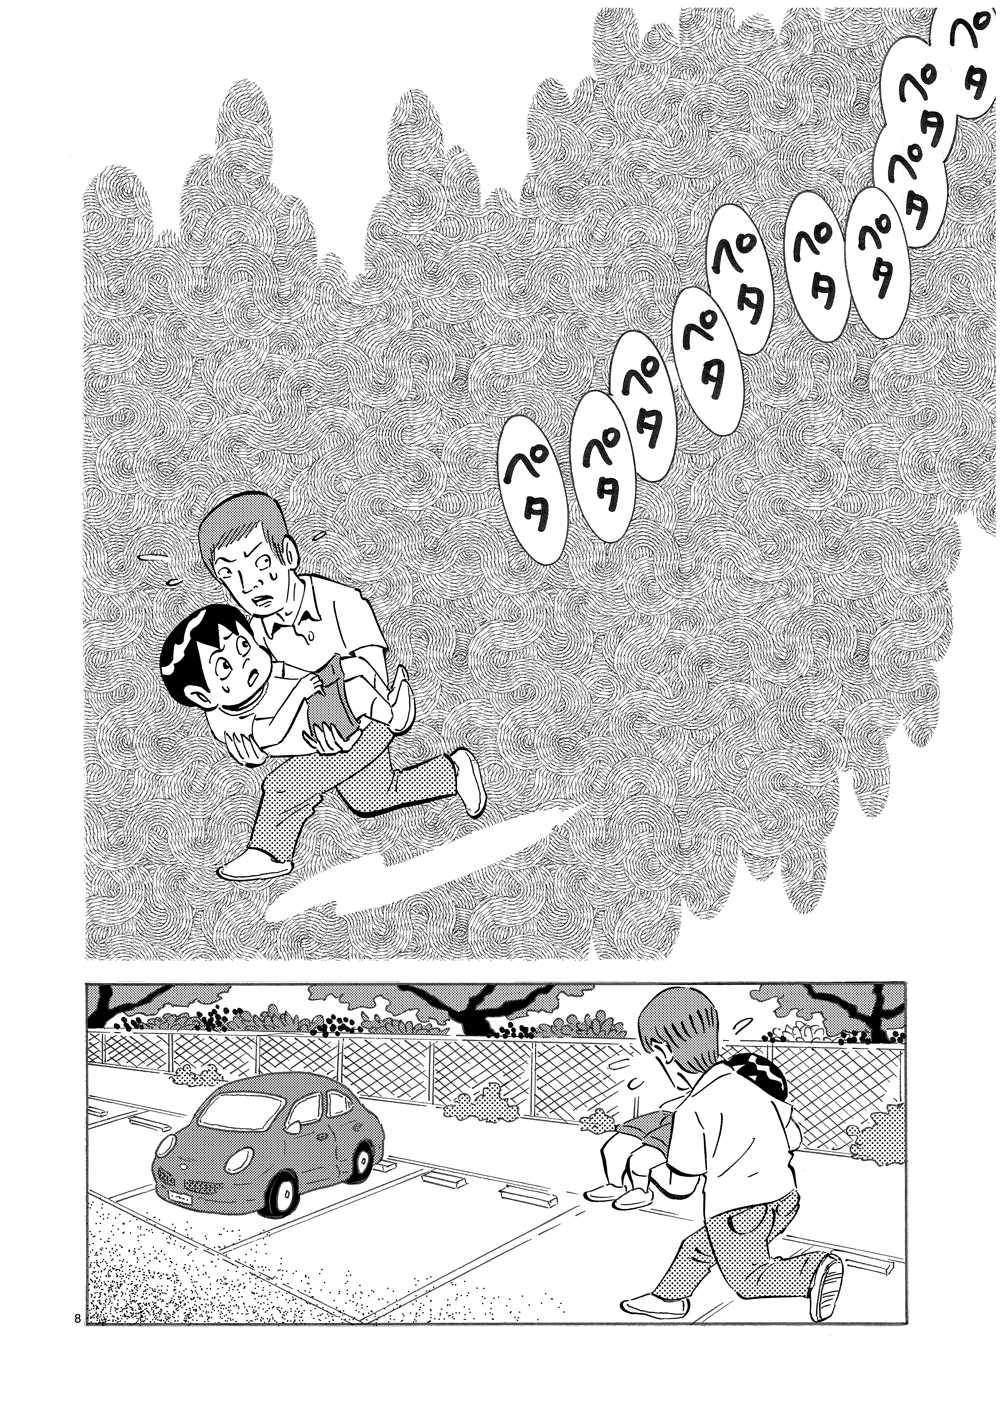 琉球怪談 【第2話】WEB掲載8ページ目画像